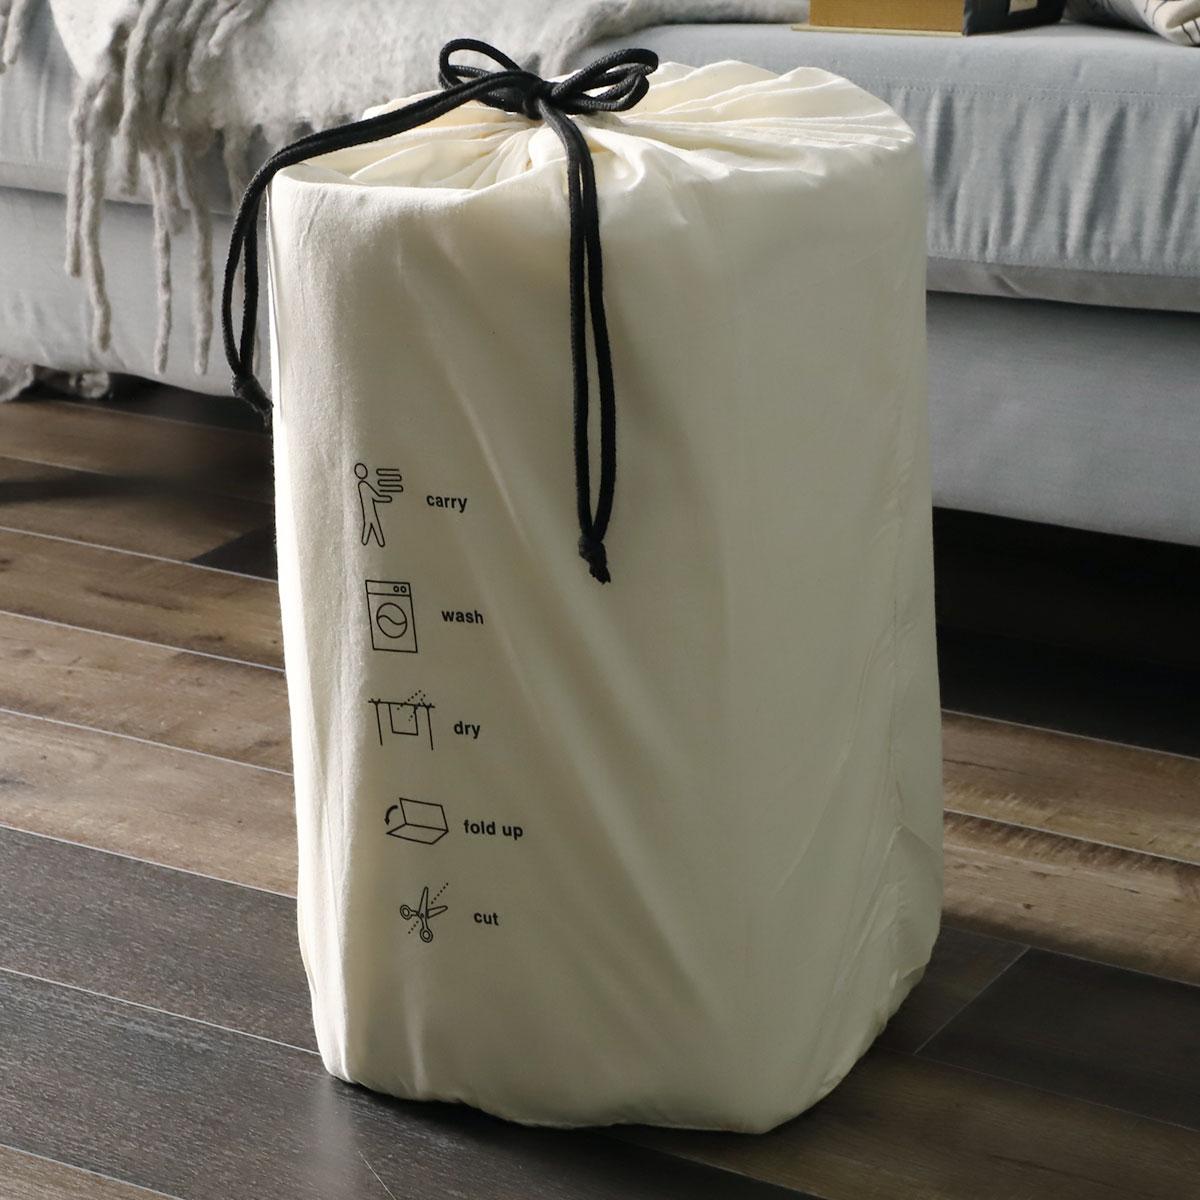 かわいい袋もついてます!